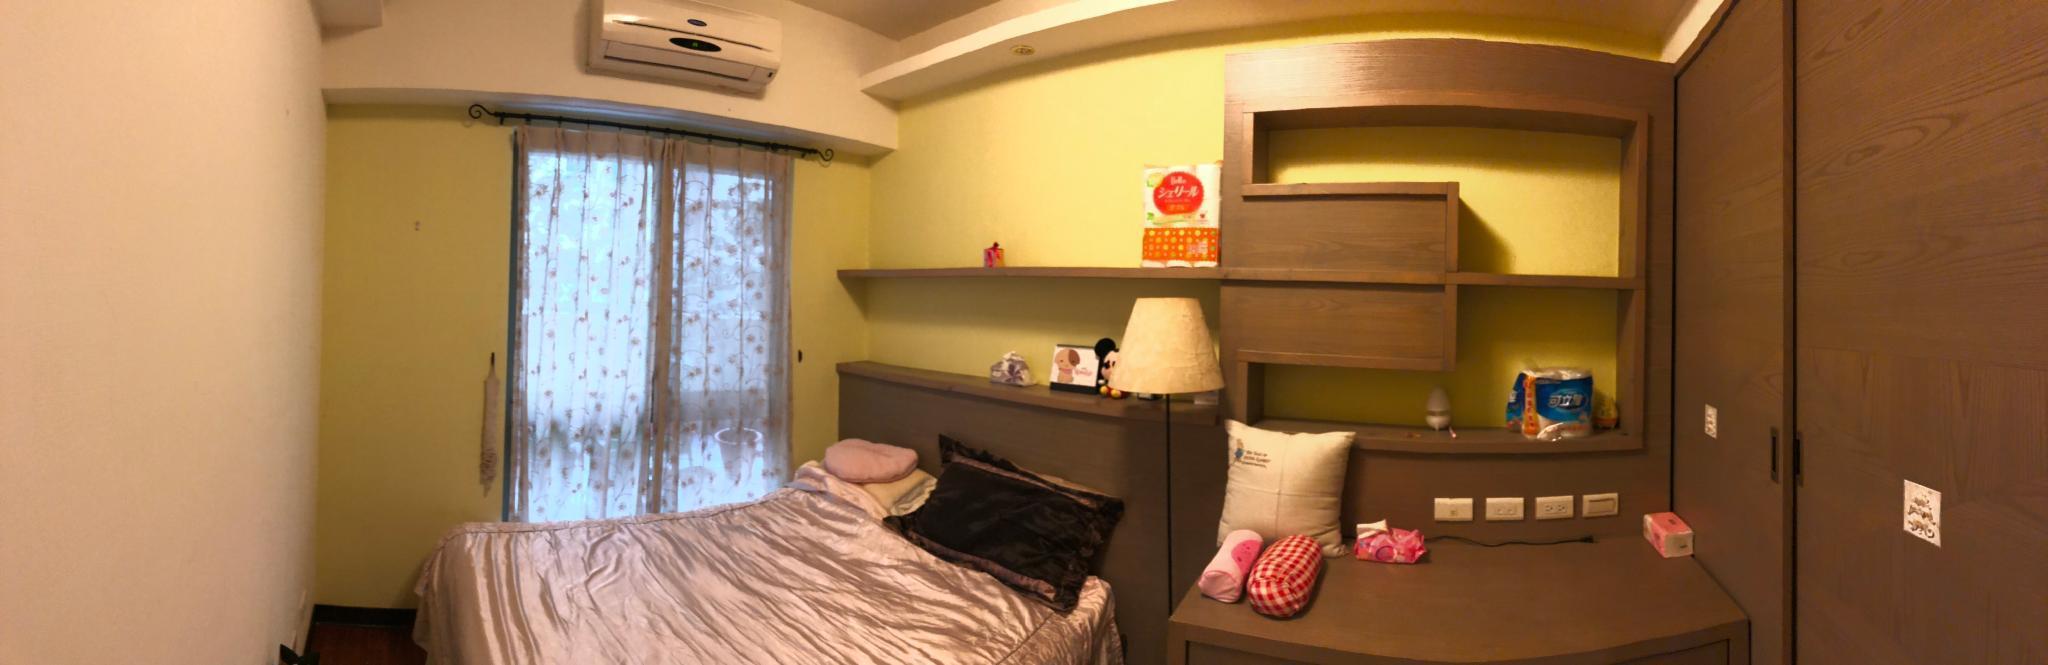 2nd Room  HanminEurasianLuxDecoApt Min 33 Days